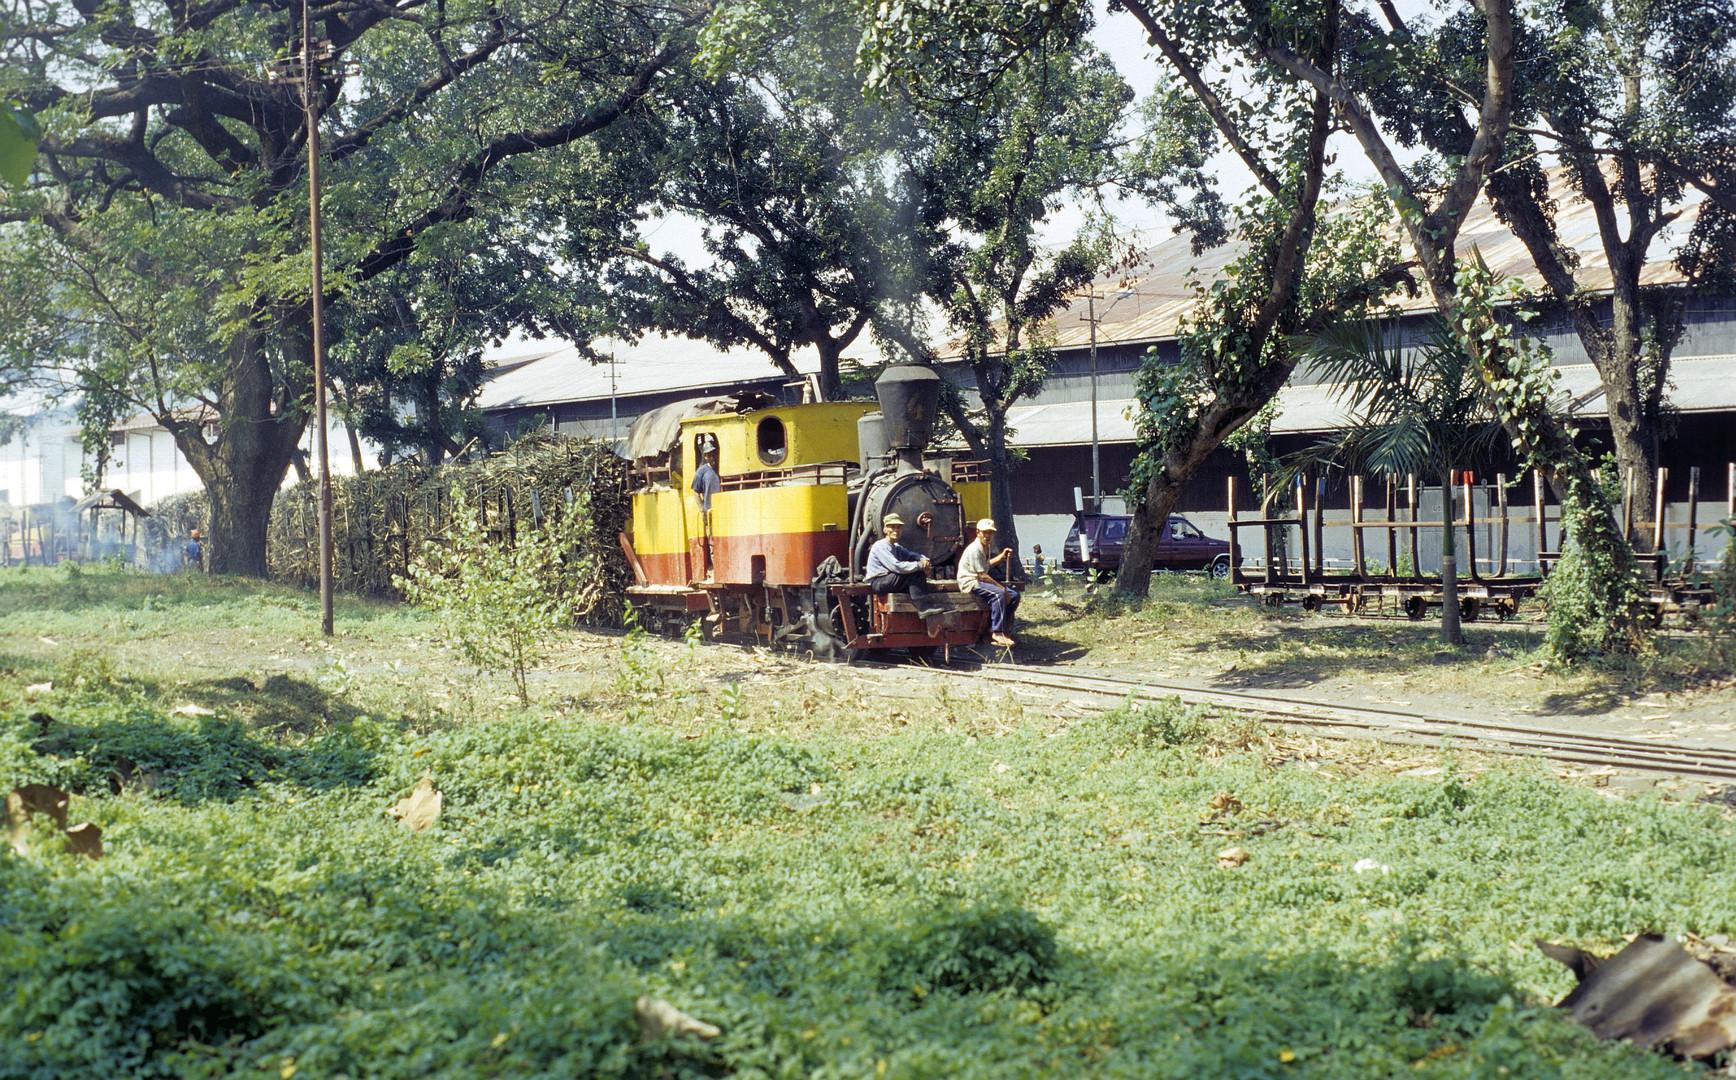 Zuckerfabrik PG Merican, Kediri (Java, Indonesien), Juni 2003